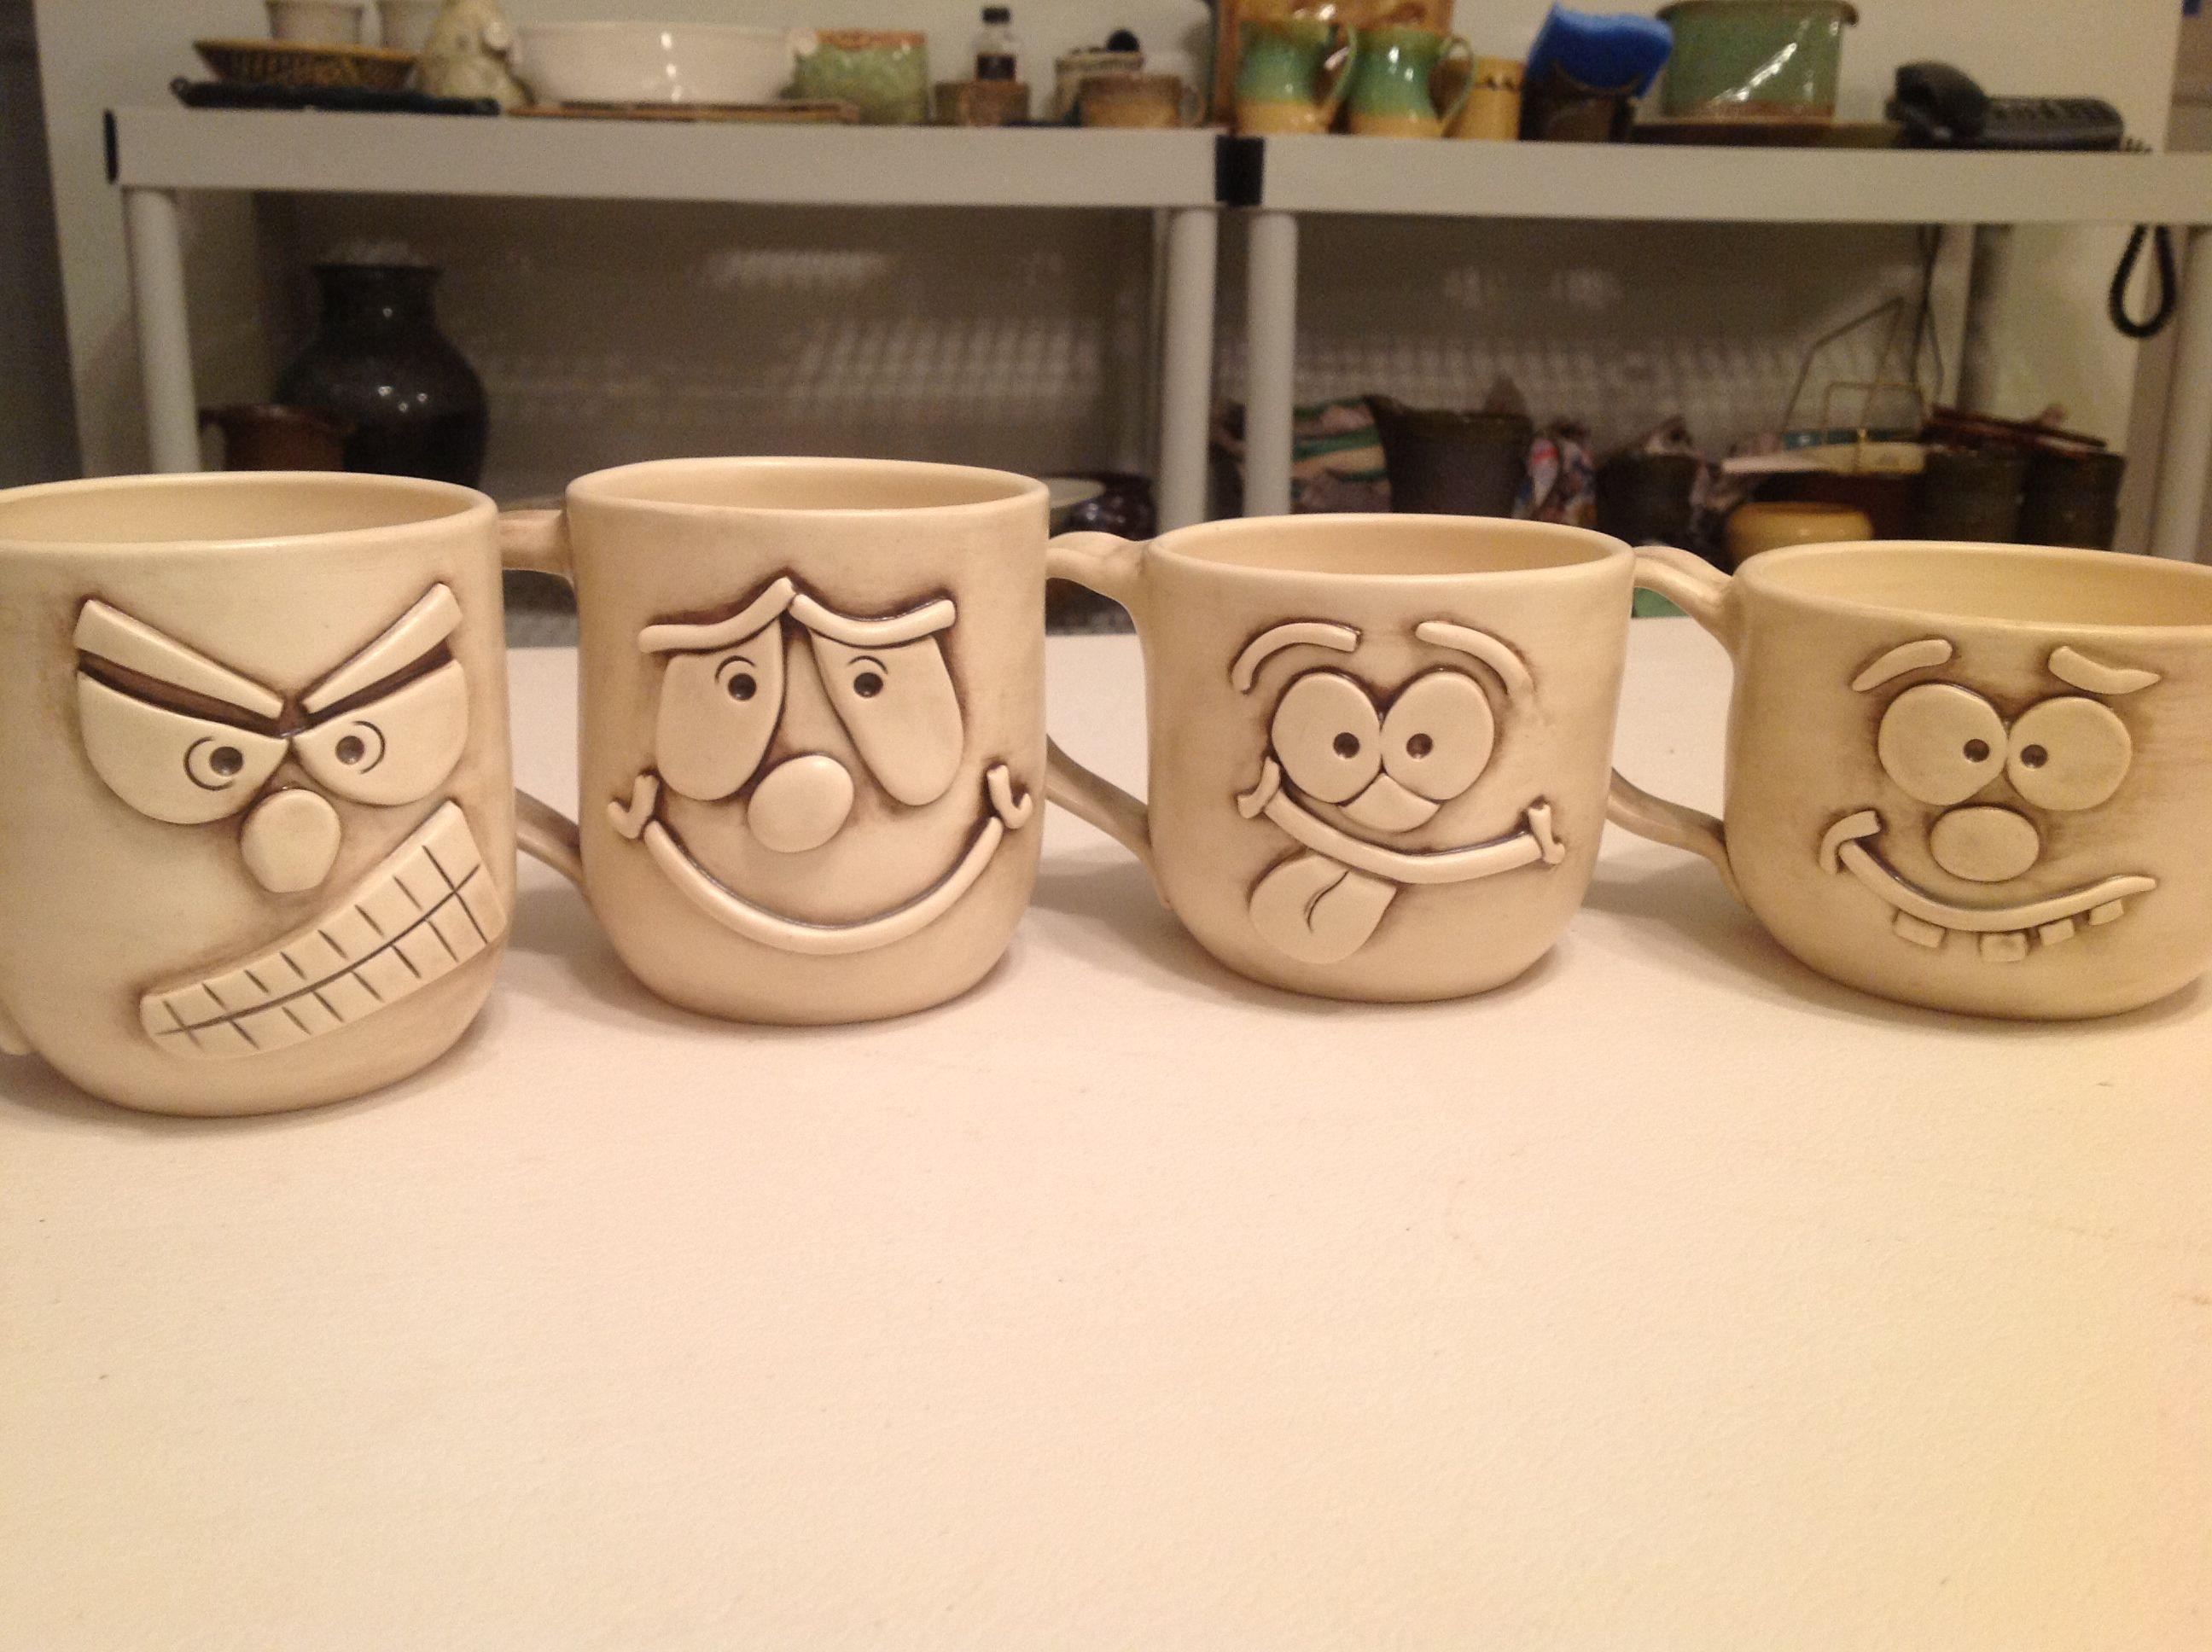 Face Mugs Project Ceramics Fun